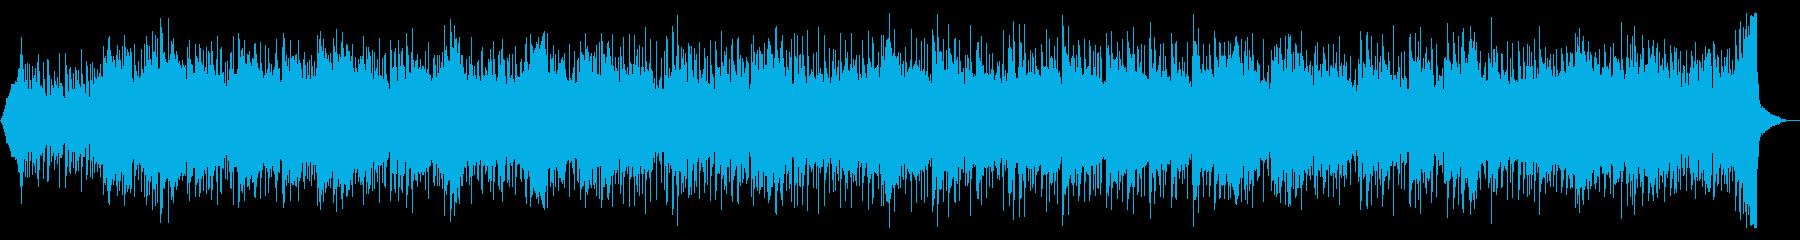 BGM29の再生済みの波形